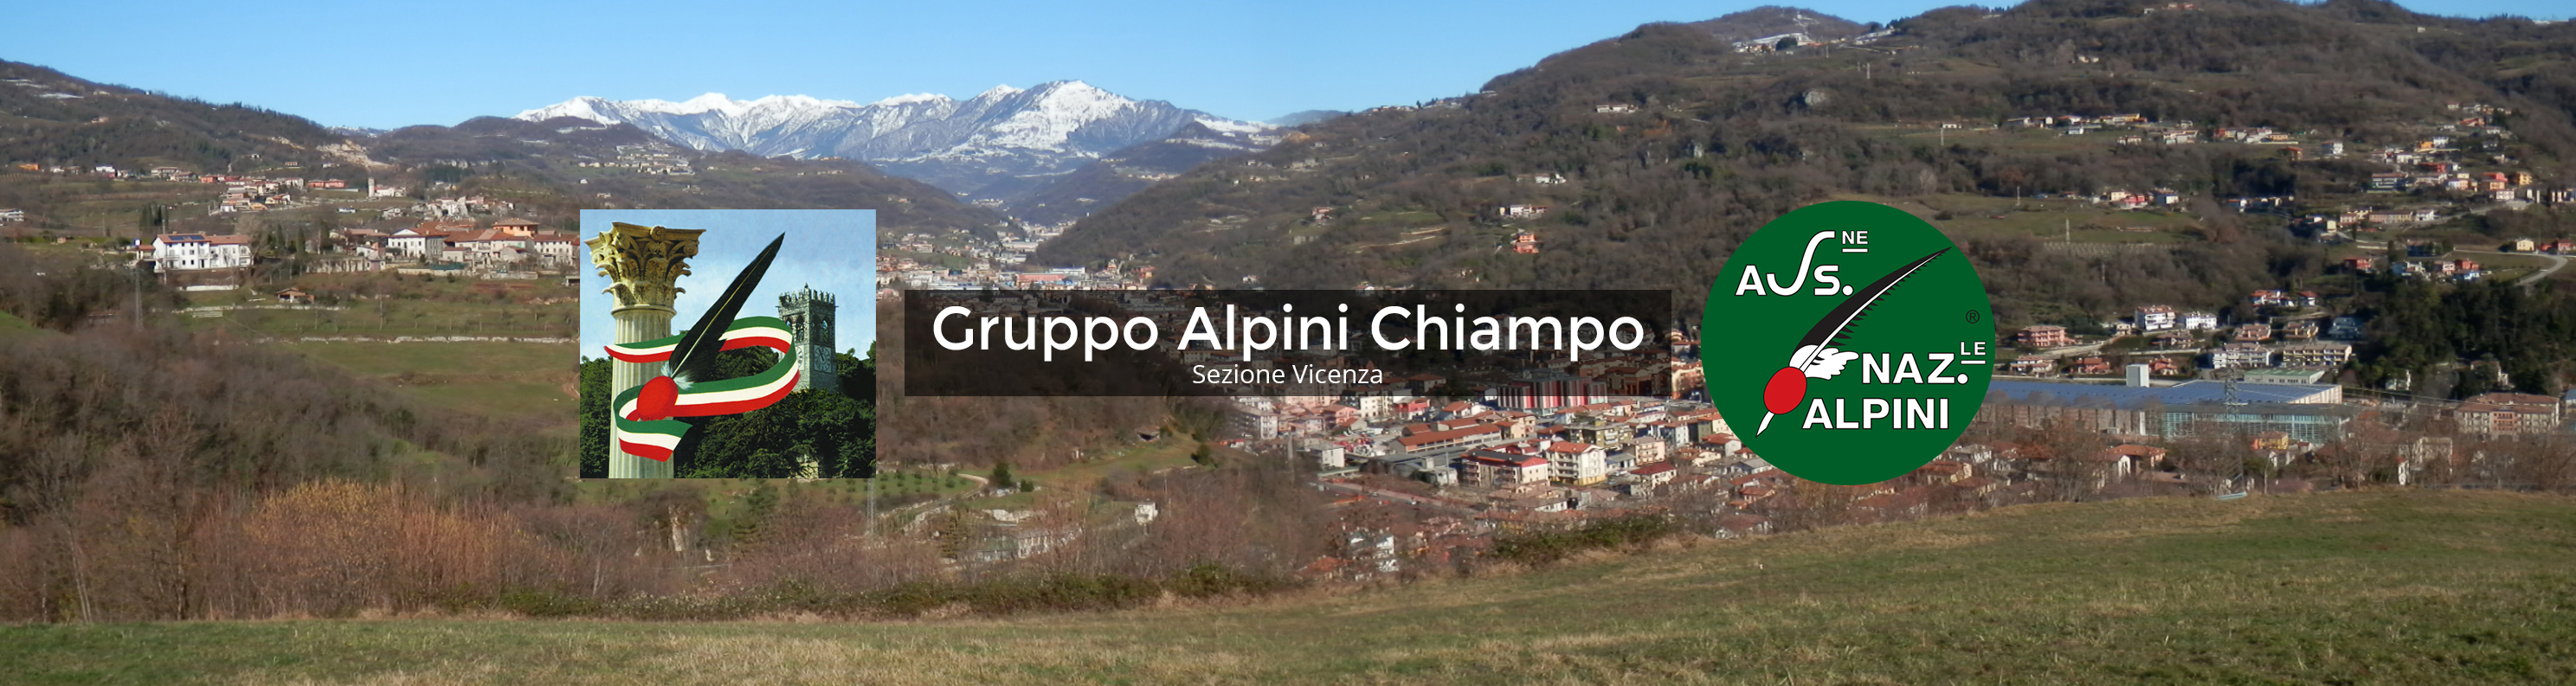 Gruppo Alpini Chiampo